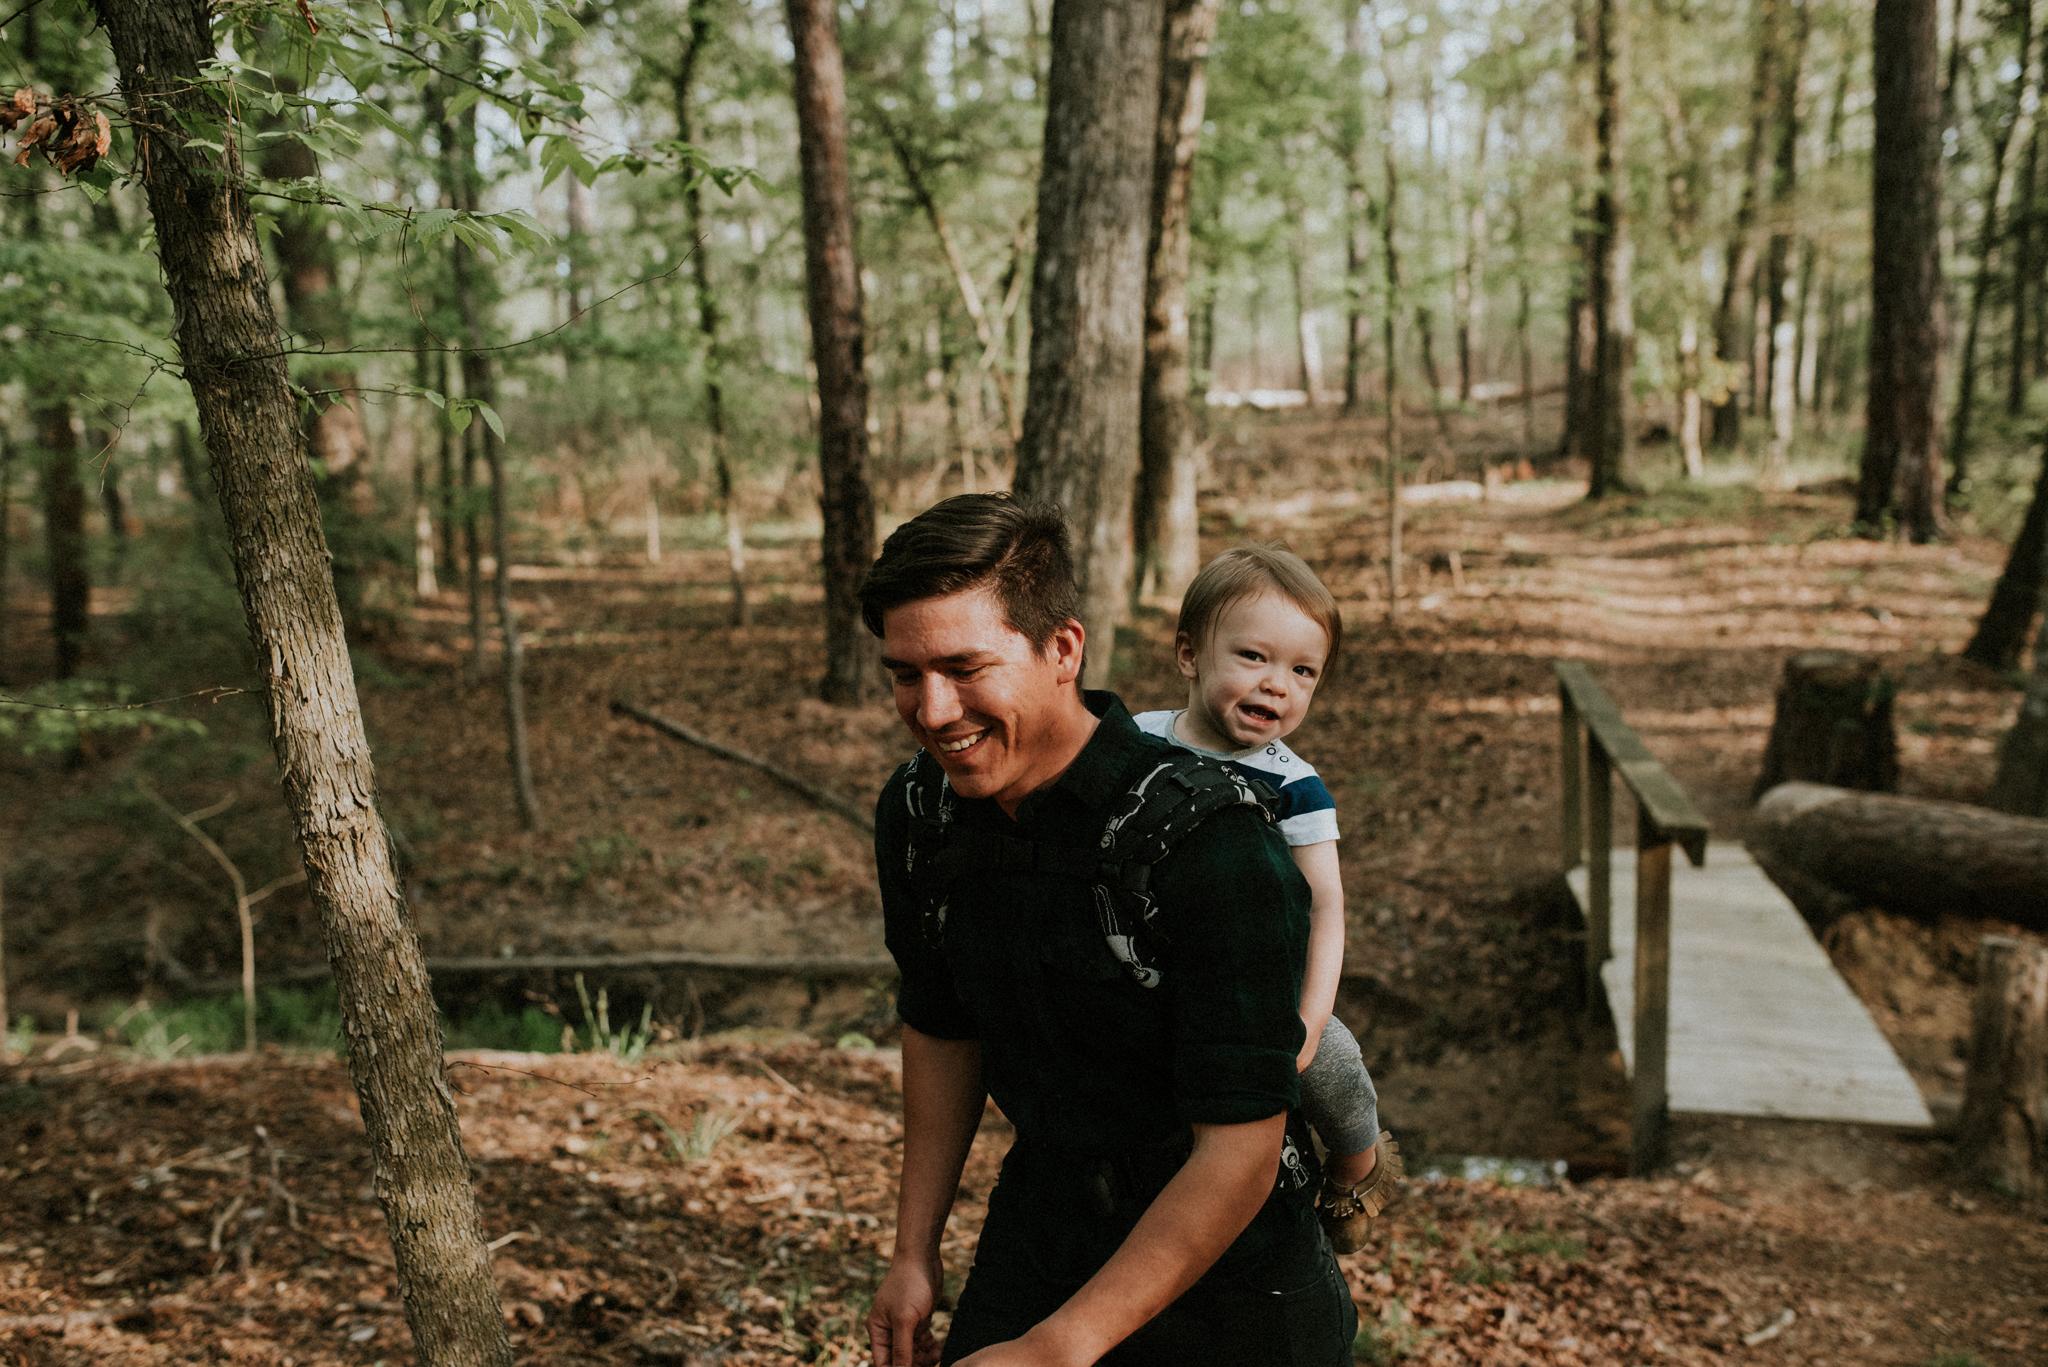 corpus-christi-family-photographer-Houston-Texas-Davy-Crockett-National-Forest